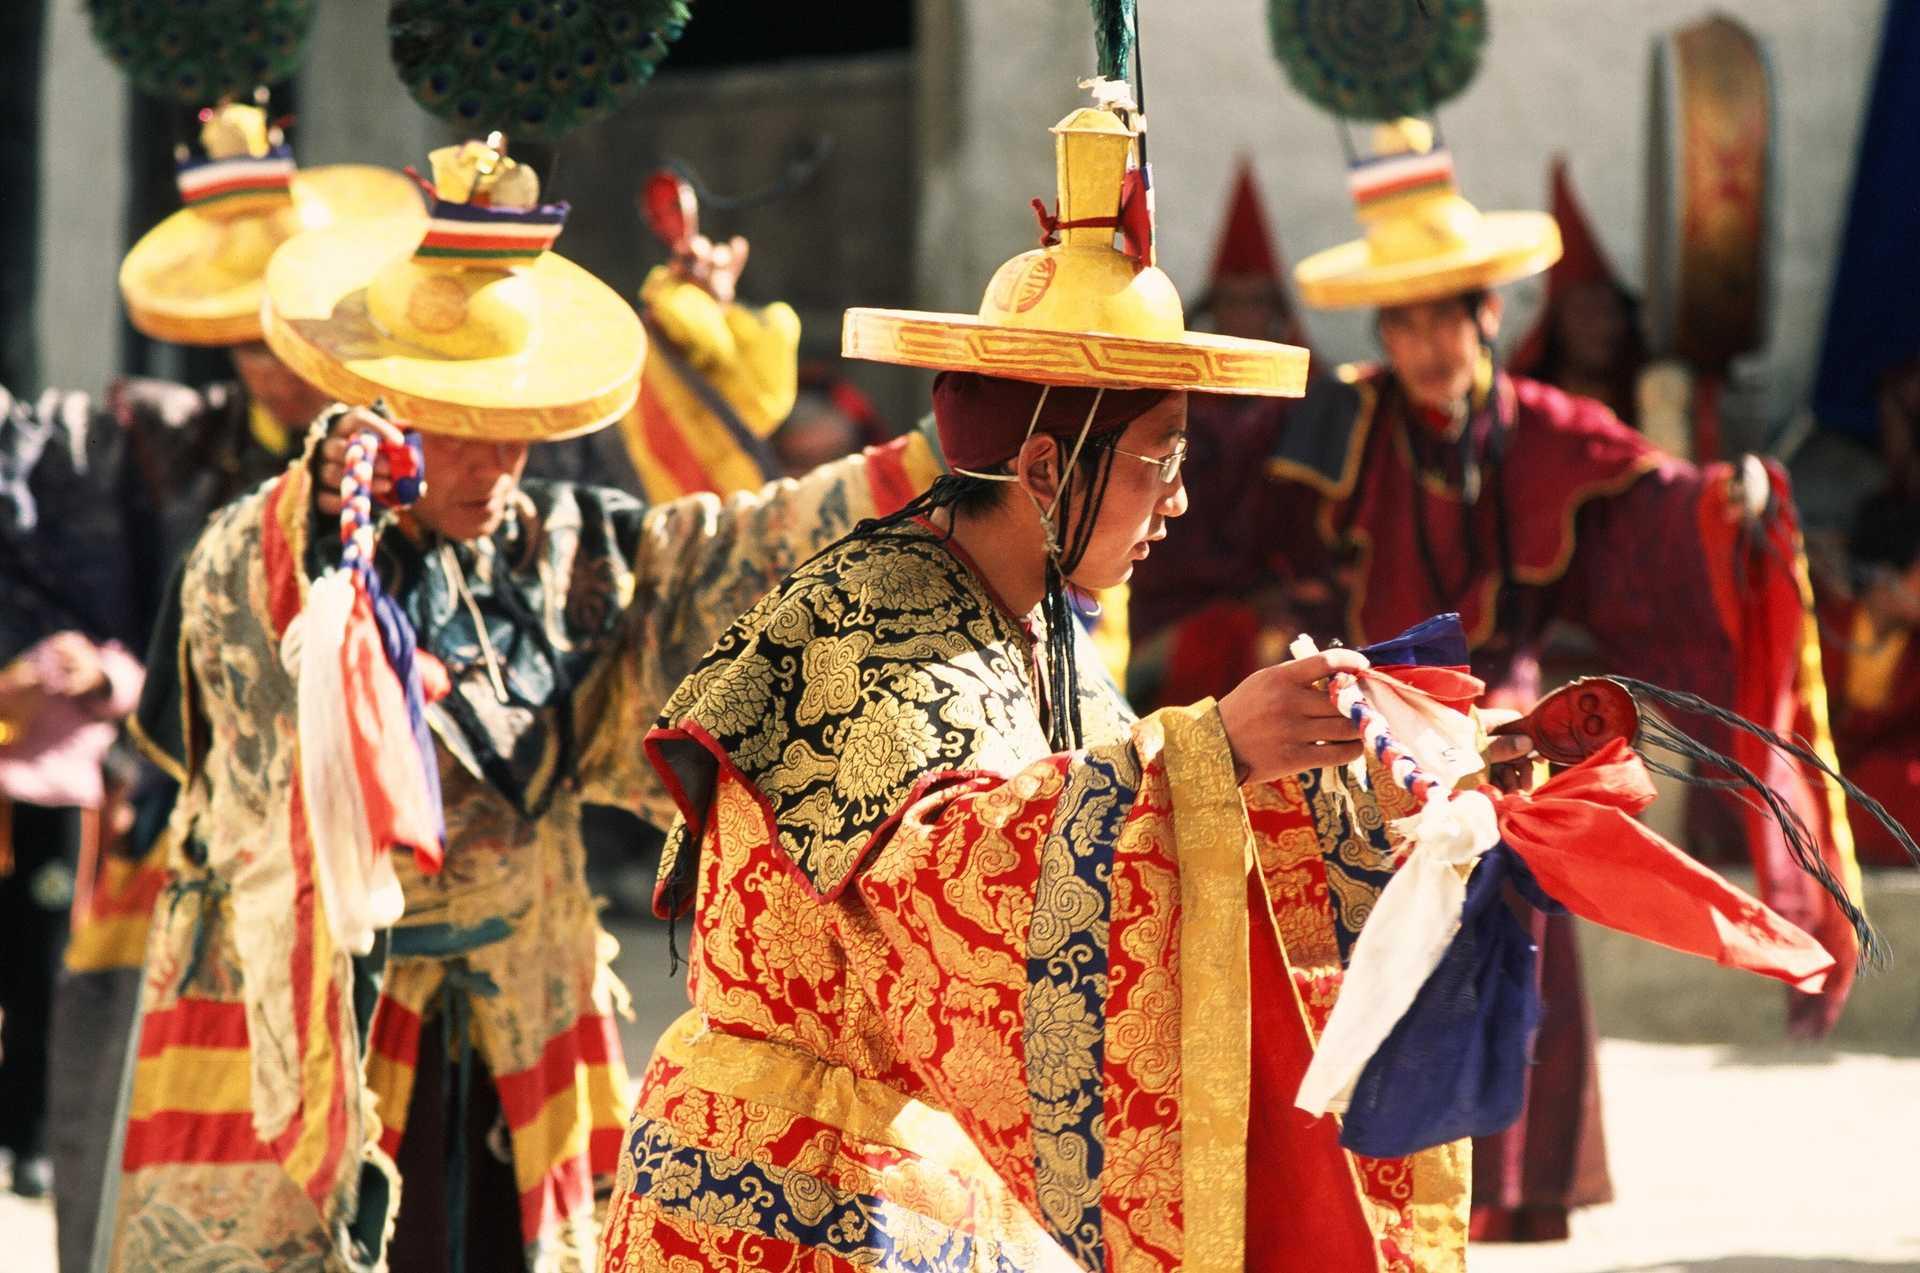 Festival bouddhiste